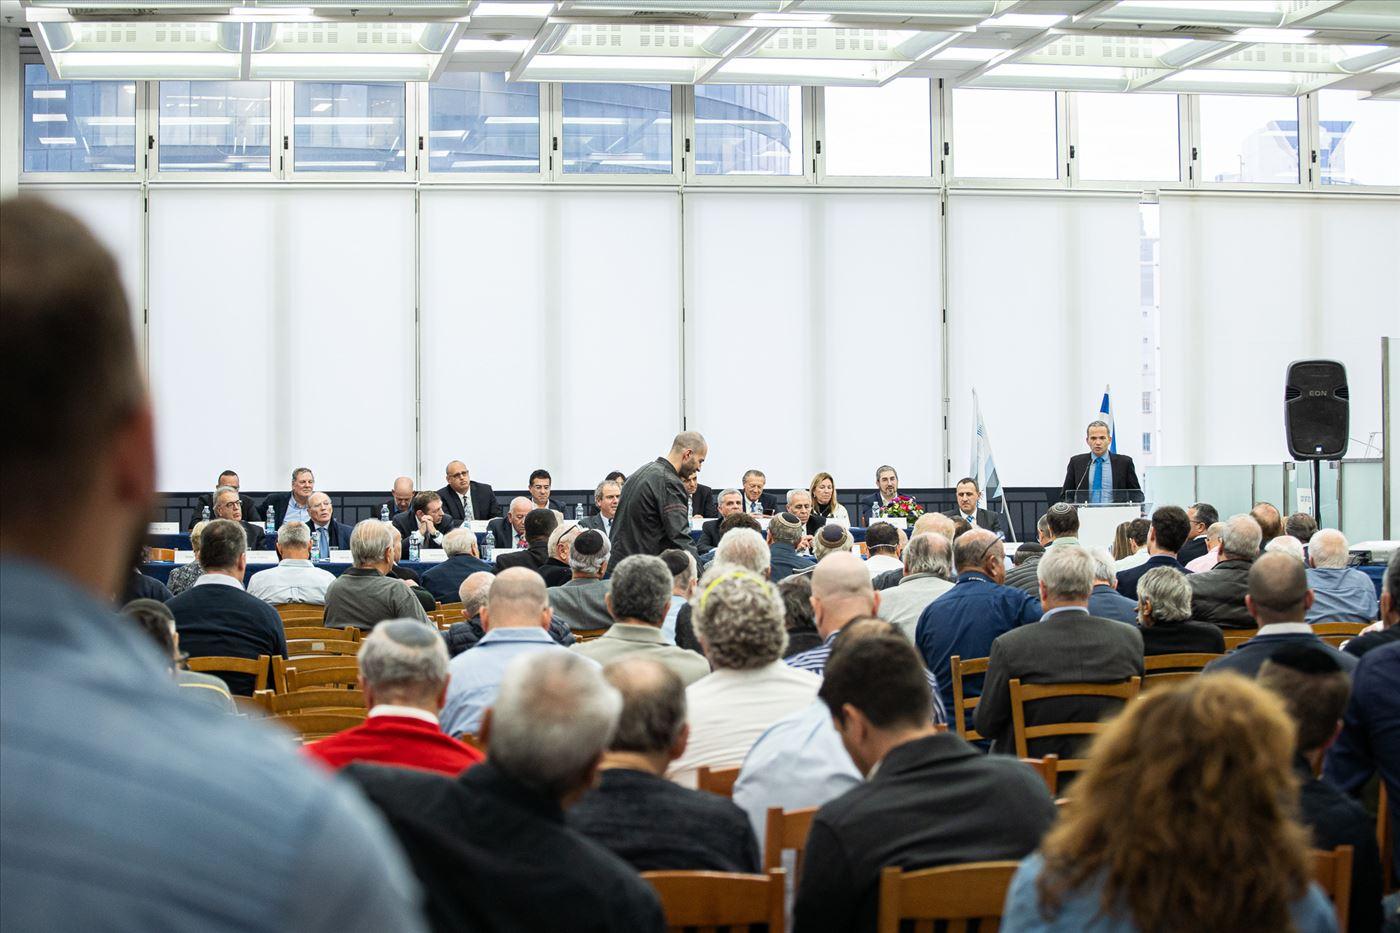 גלרייה - האסיפה הכללית ה-70 תמונה 99 מתוך 239